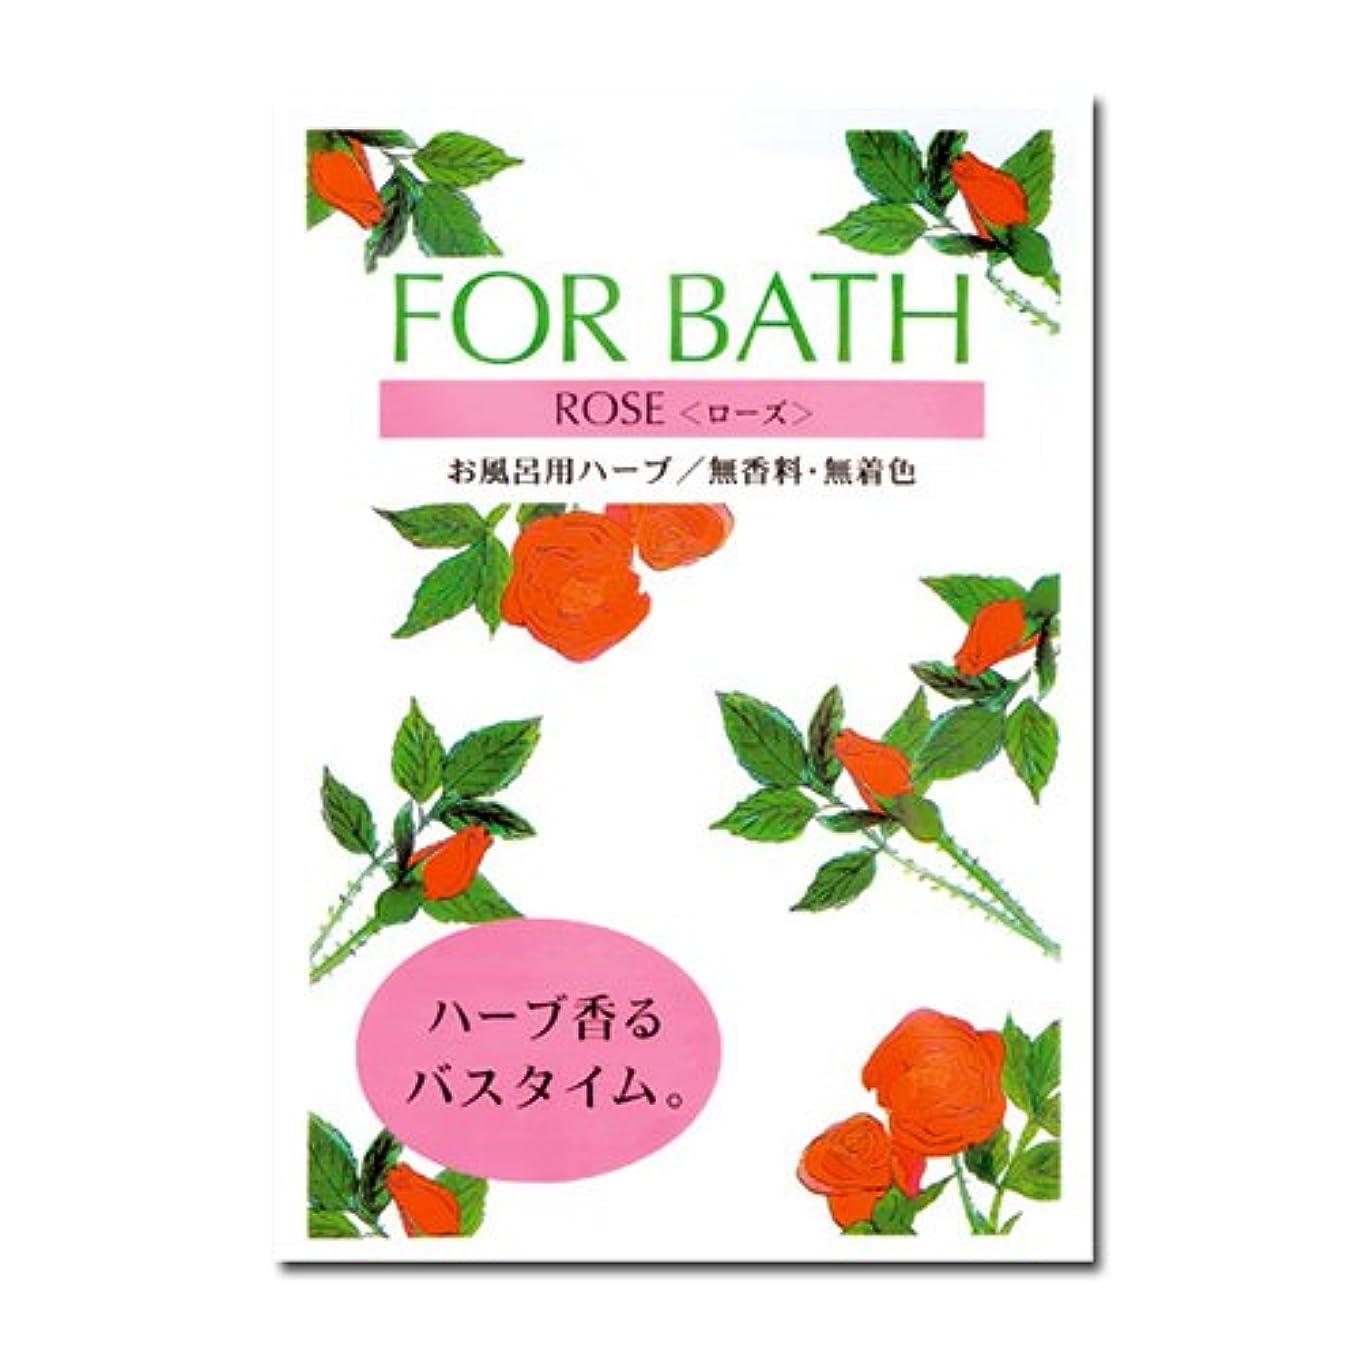 パール才能伝記フォアバス ローズx30袋[フォアバス/入浴剤/ハーブ]